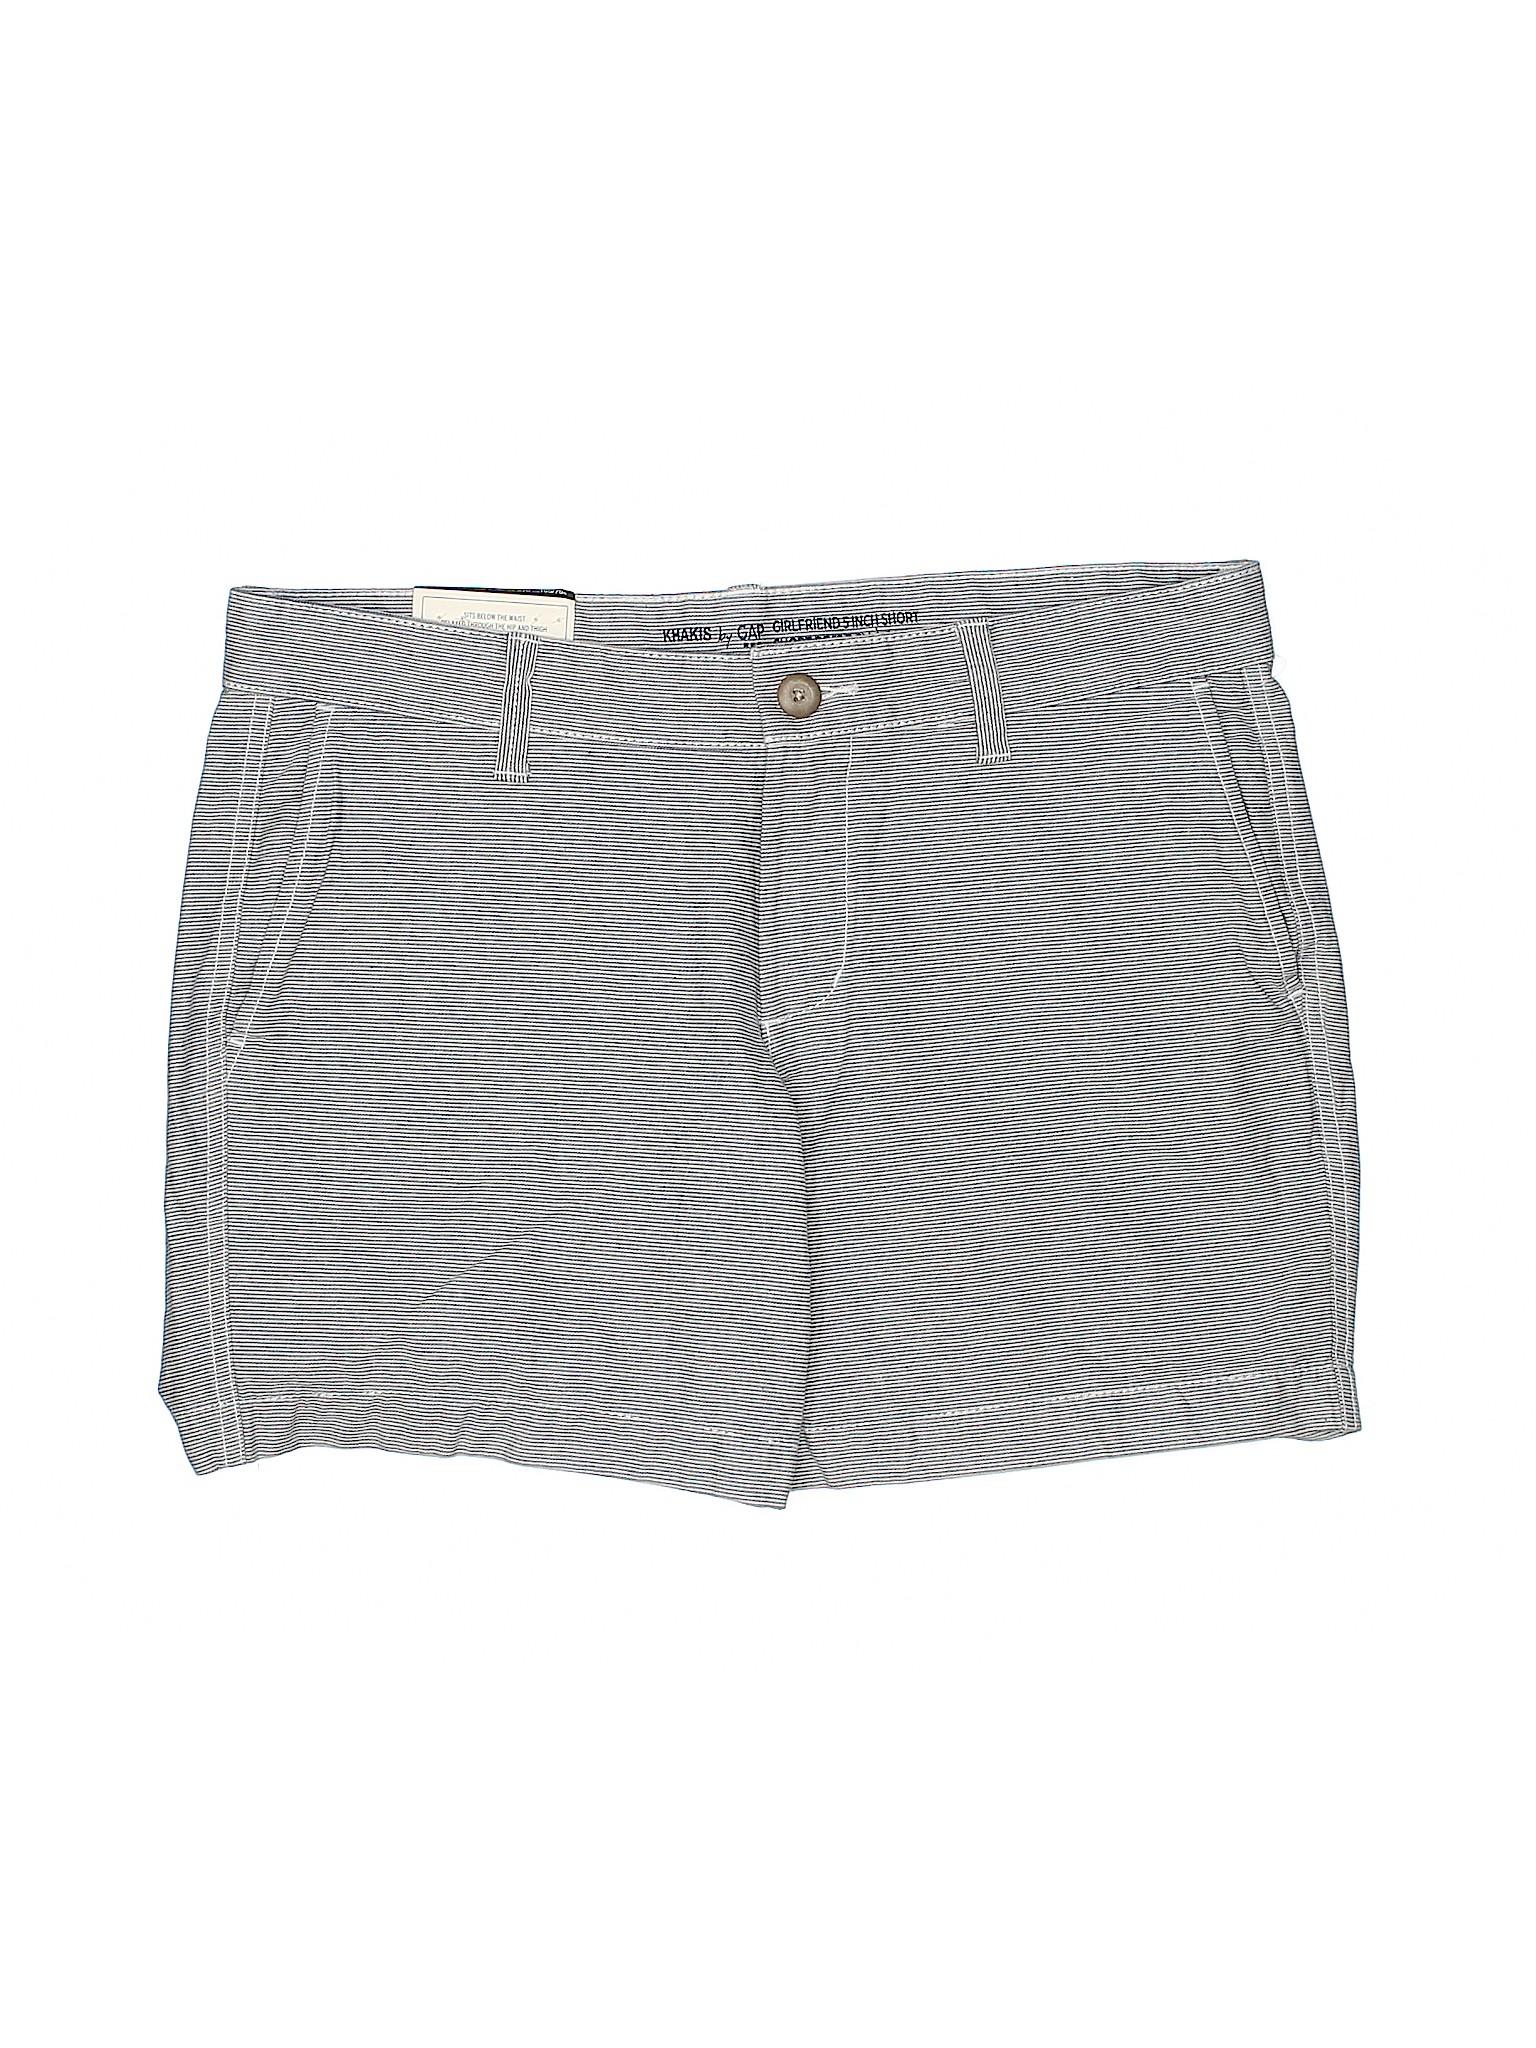 Khaki Shorts Gap Gap Outlet Khaki Boutique Shorts Boutique Outlet 6vx4HqB